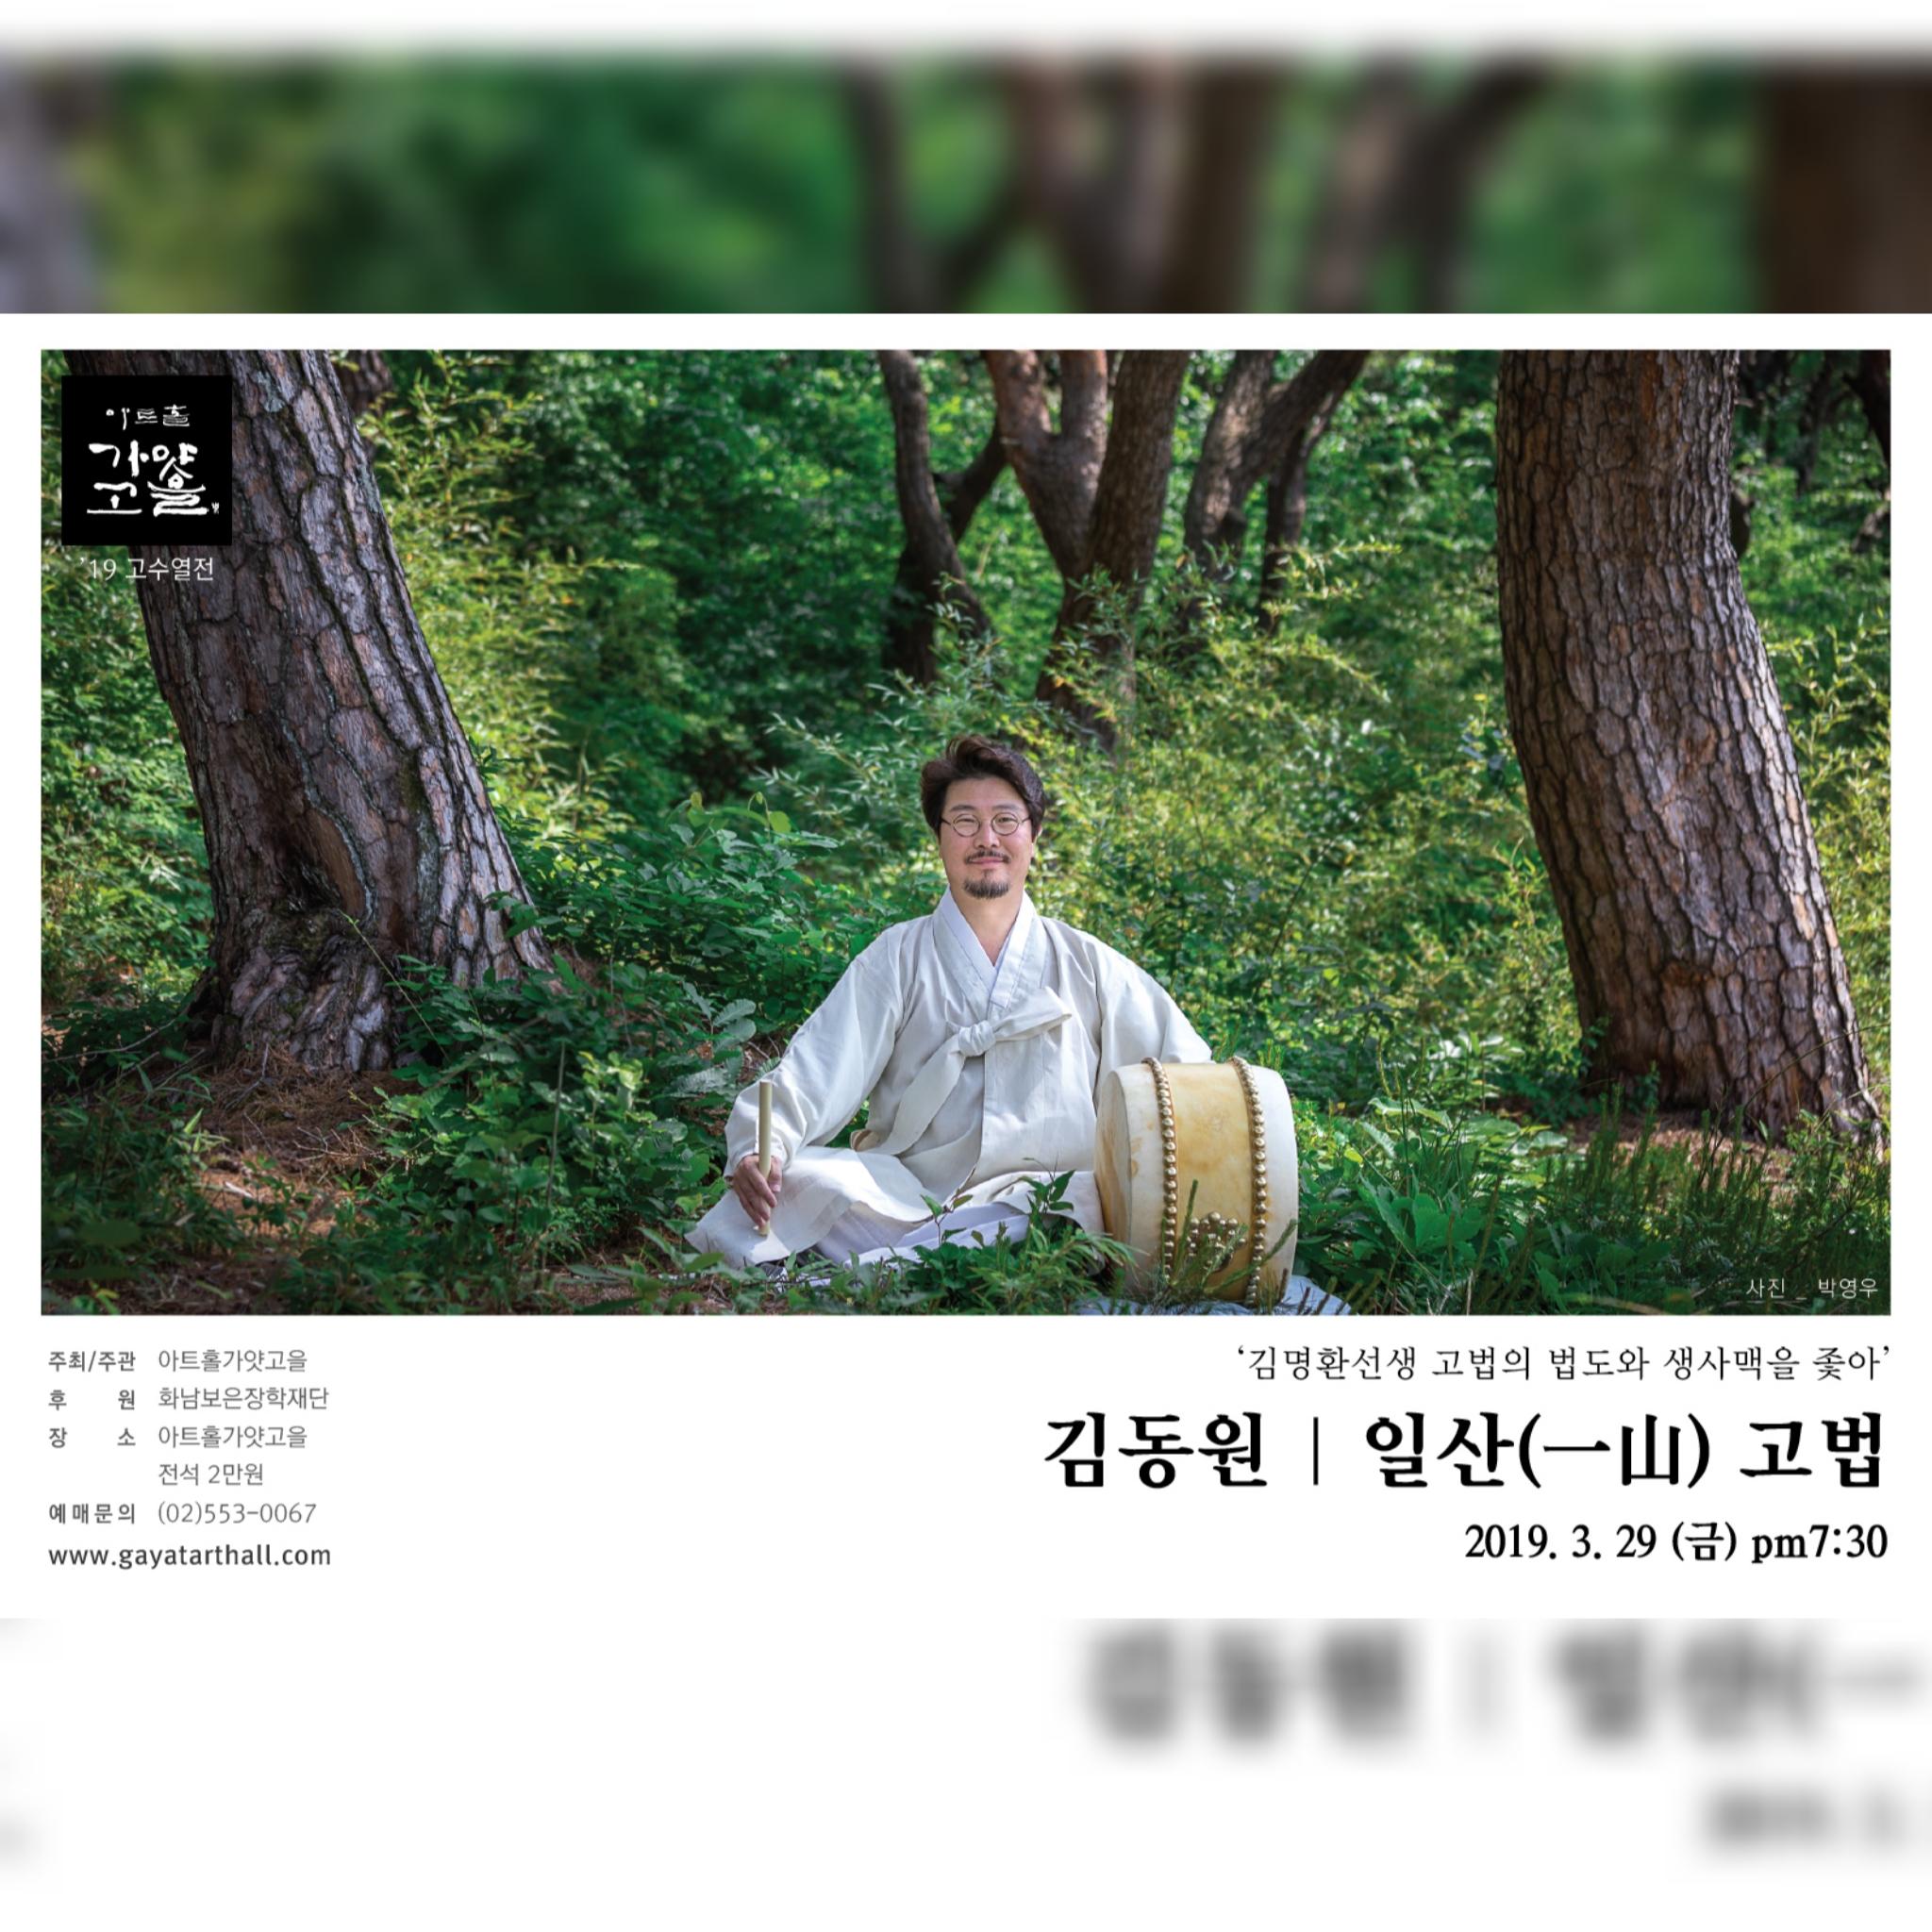 2019 아트홀가얏고을 기획공연 고수열전 - 김동원 일산(一山) 고법